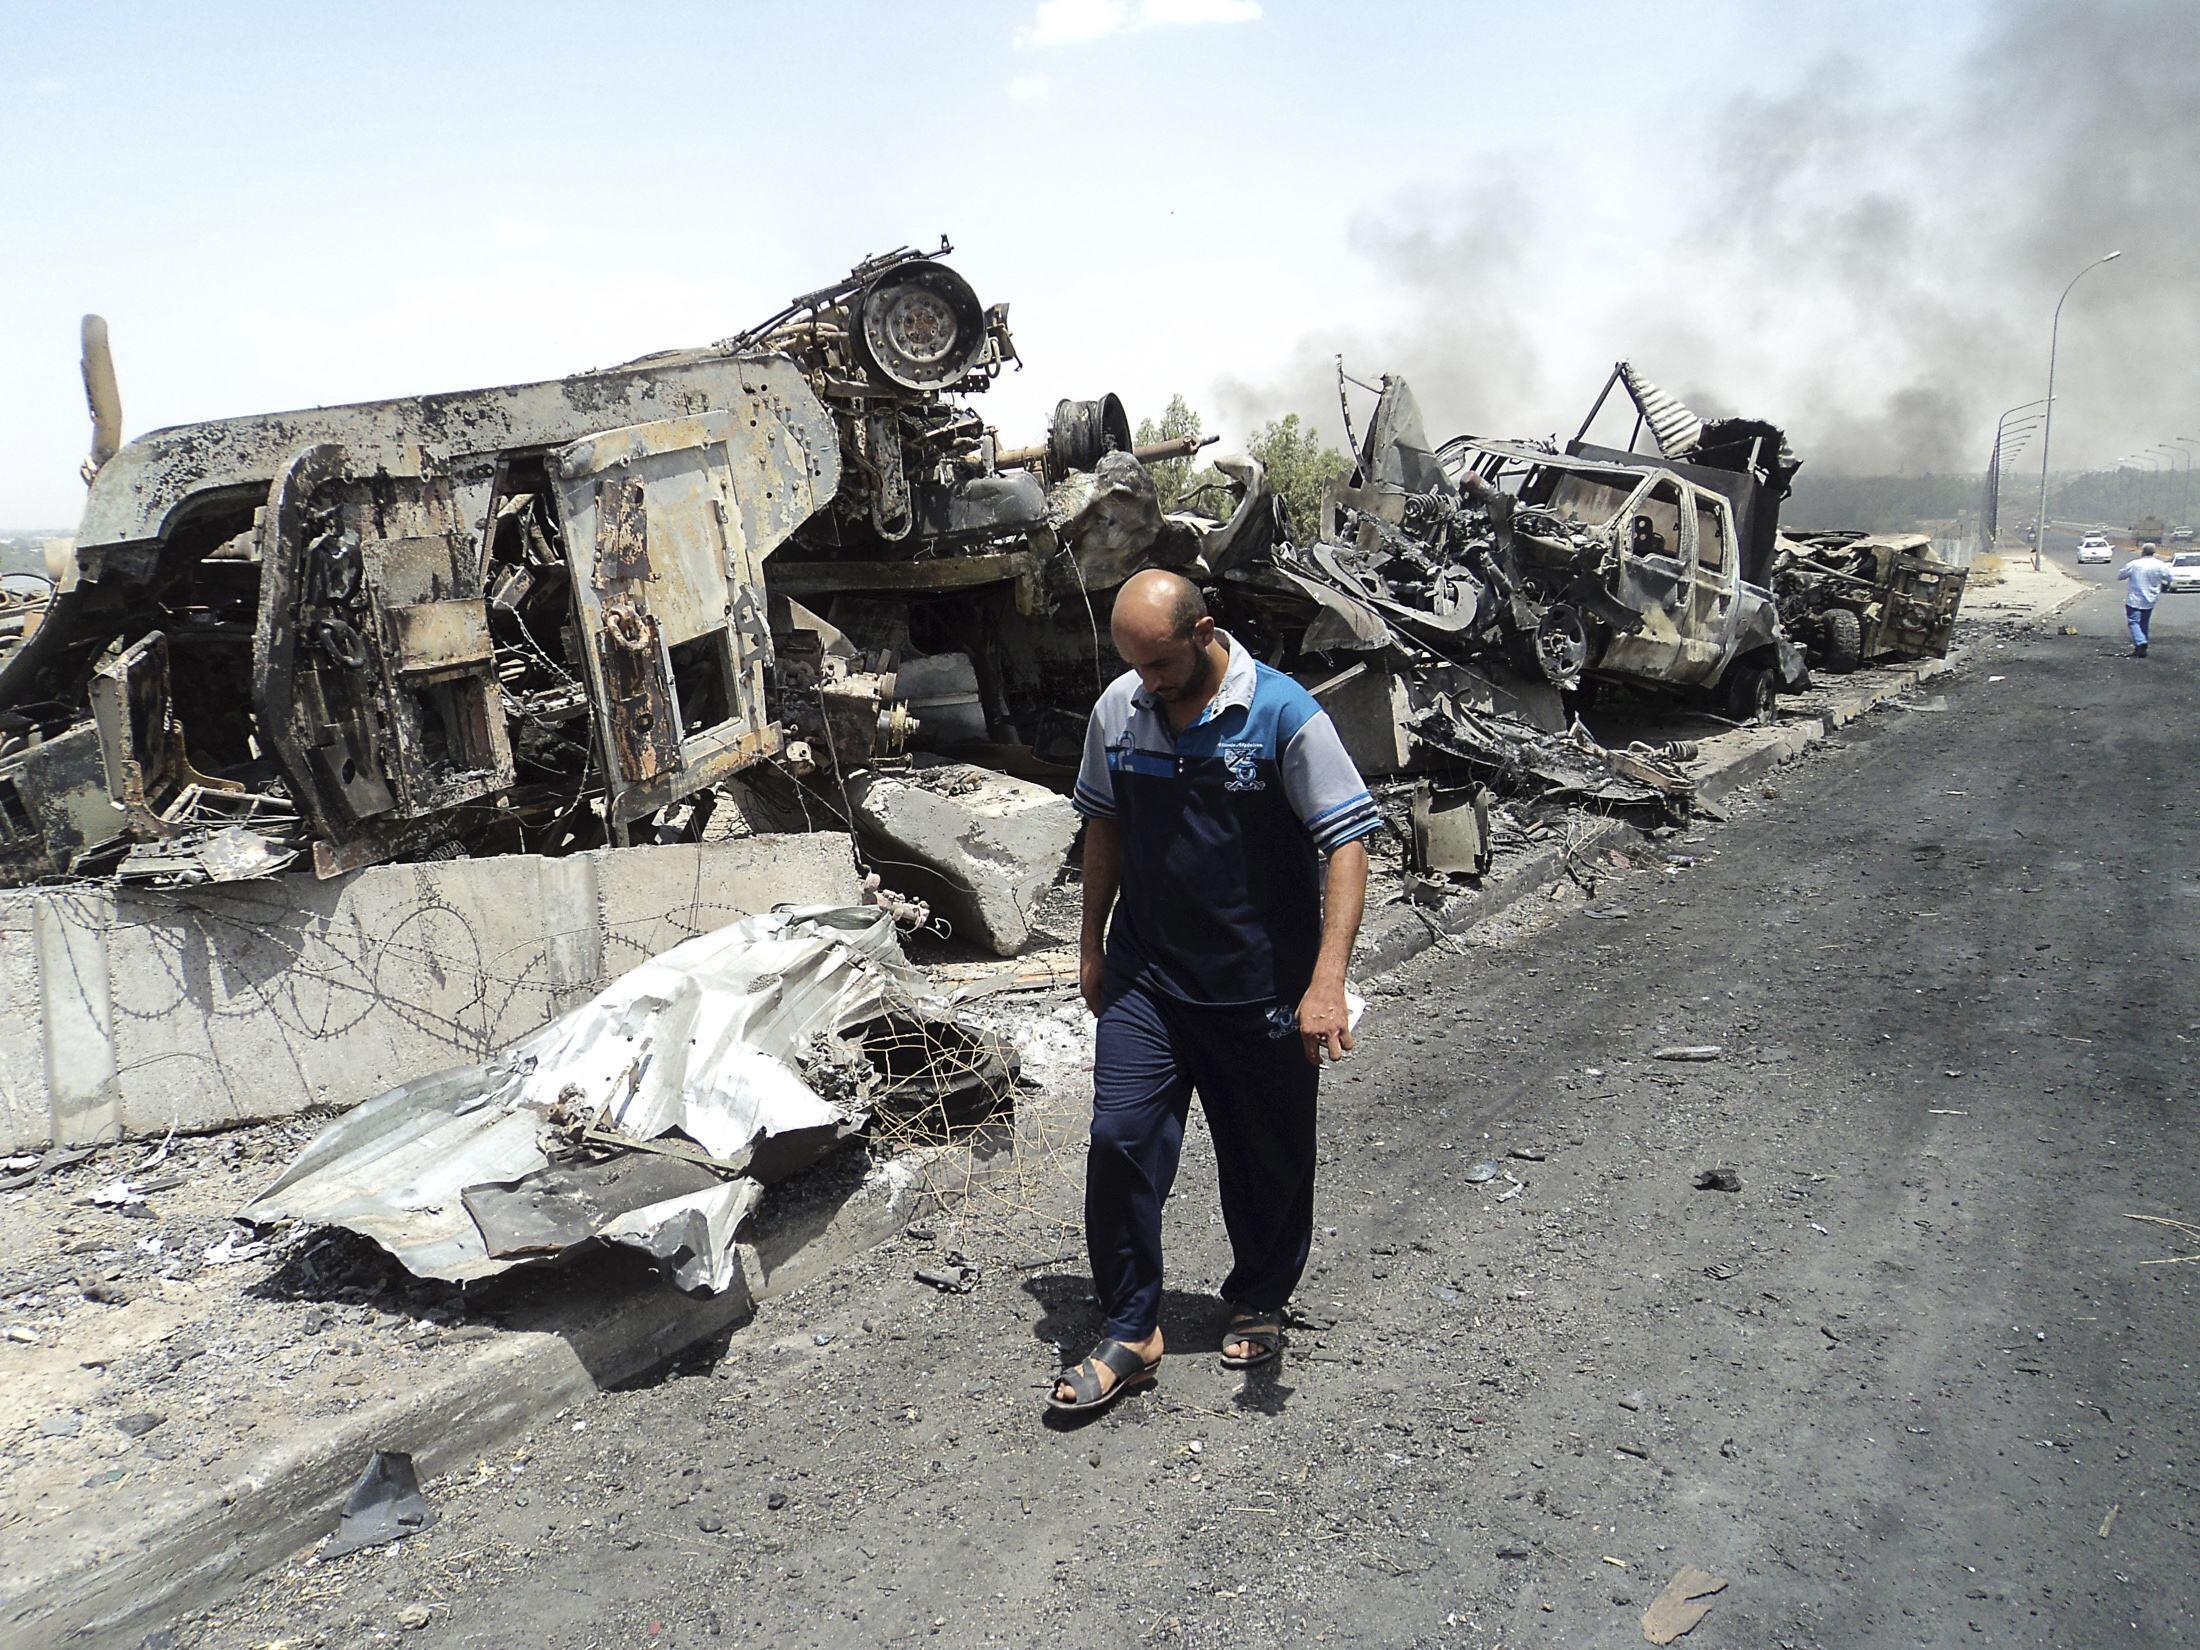 Сожженная техника иракских сил безопасности в Мосуле 13/06/2014